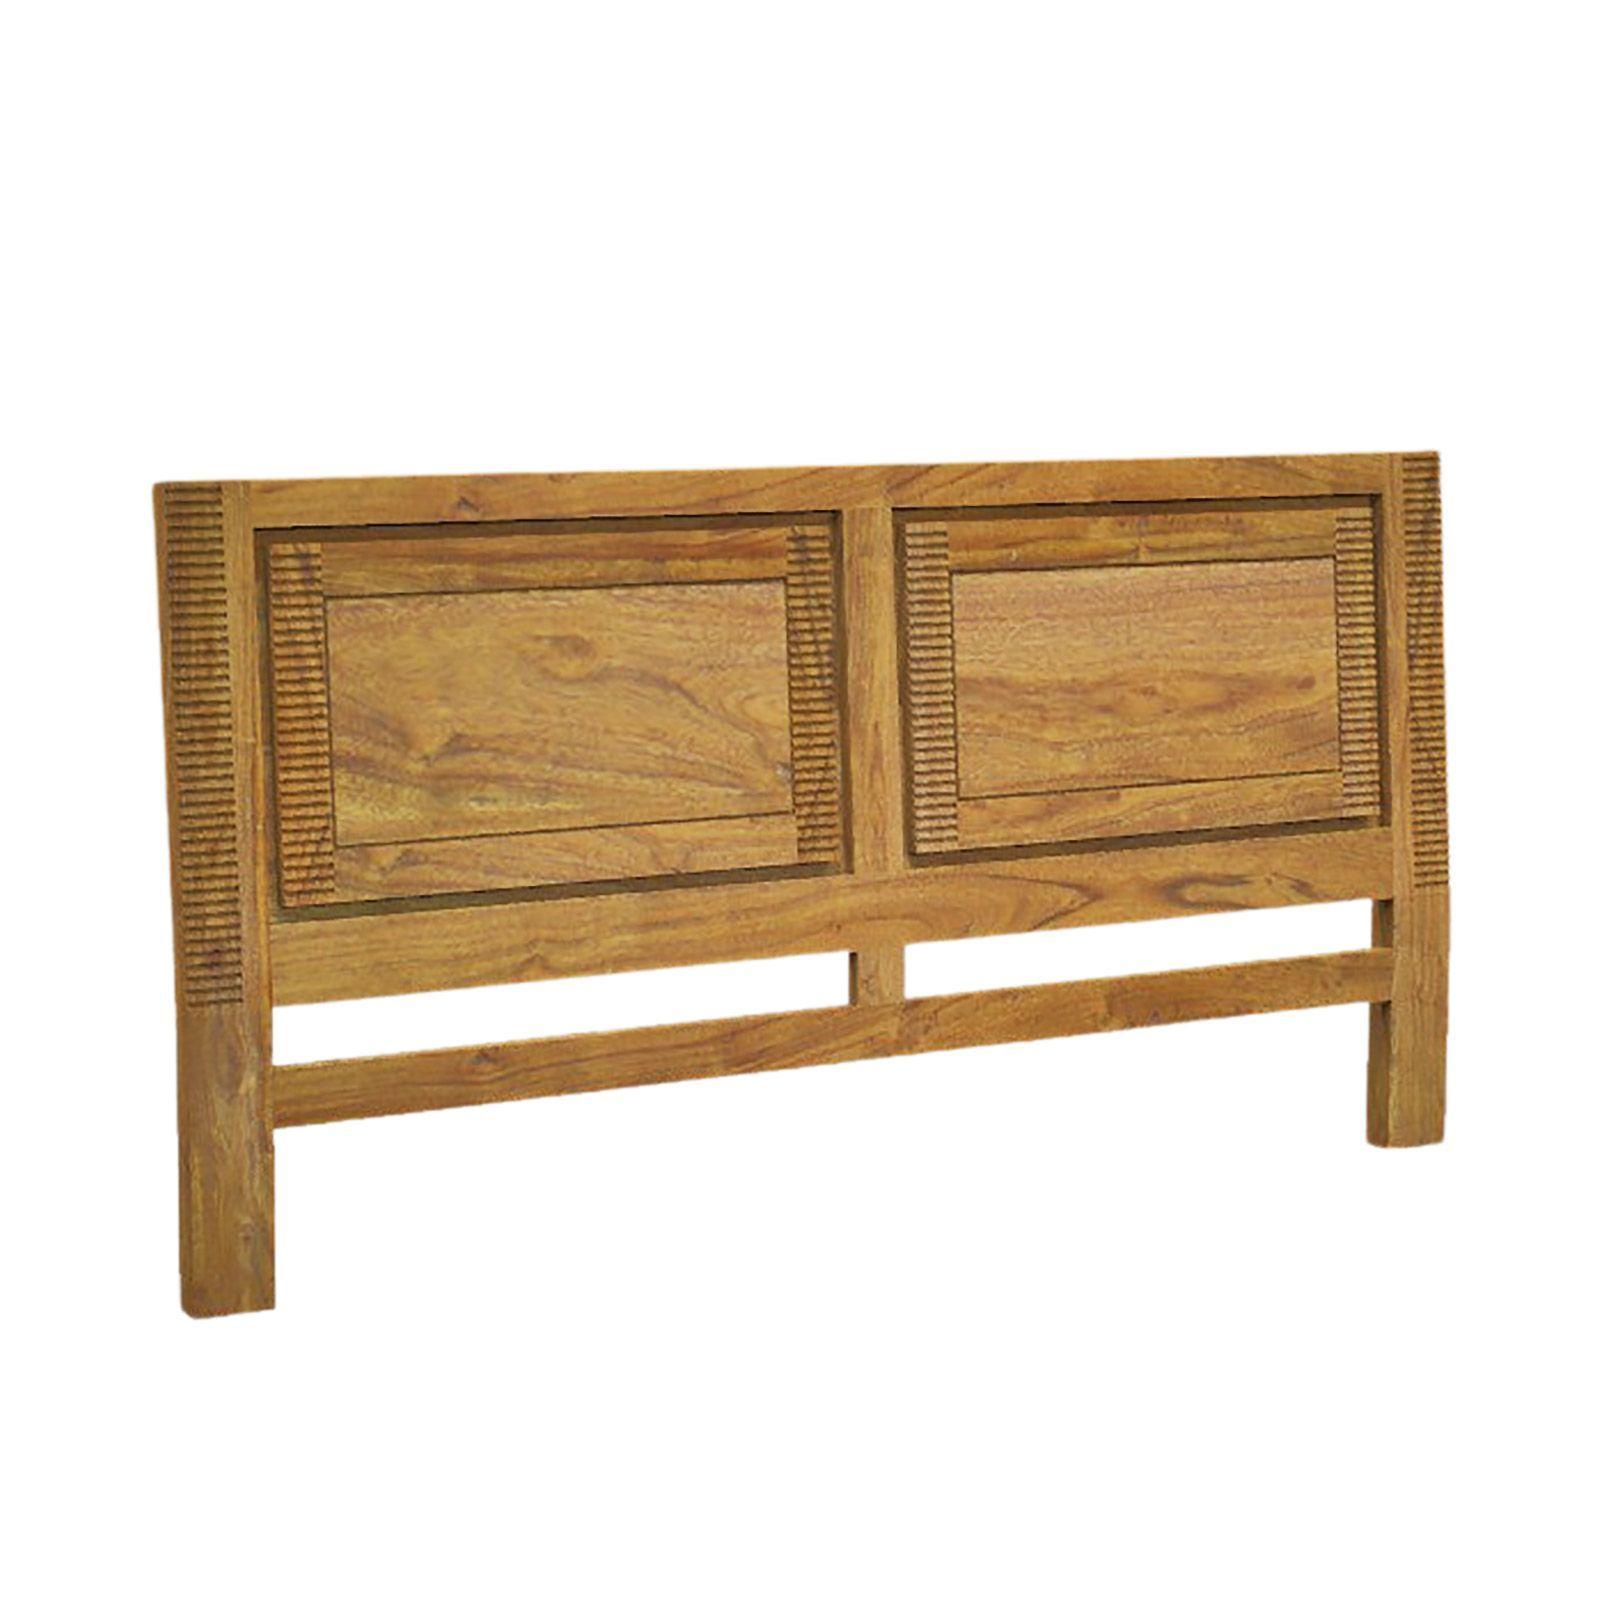 Tête de lit bois massif exotique strié